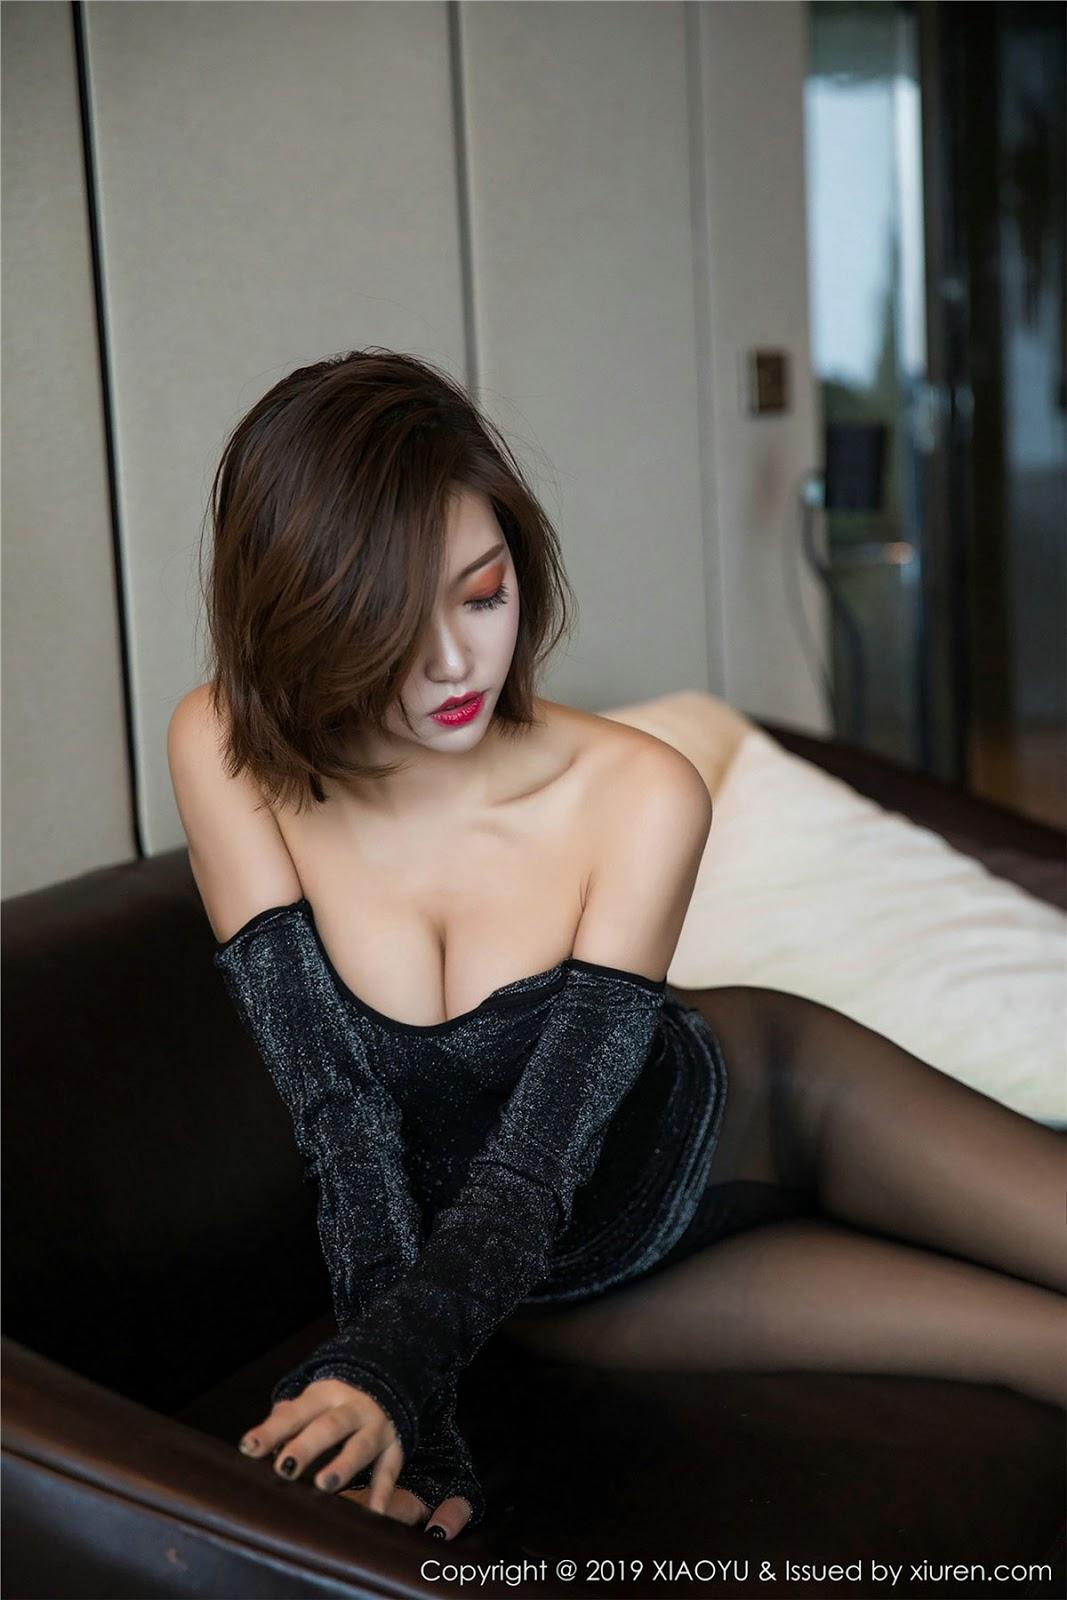 [语画界XiaoYu] Vol.006 Feng Mu Mu - Page 5 - CHINA MODEL GIRL